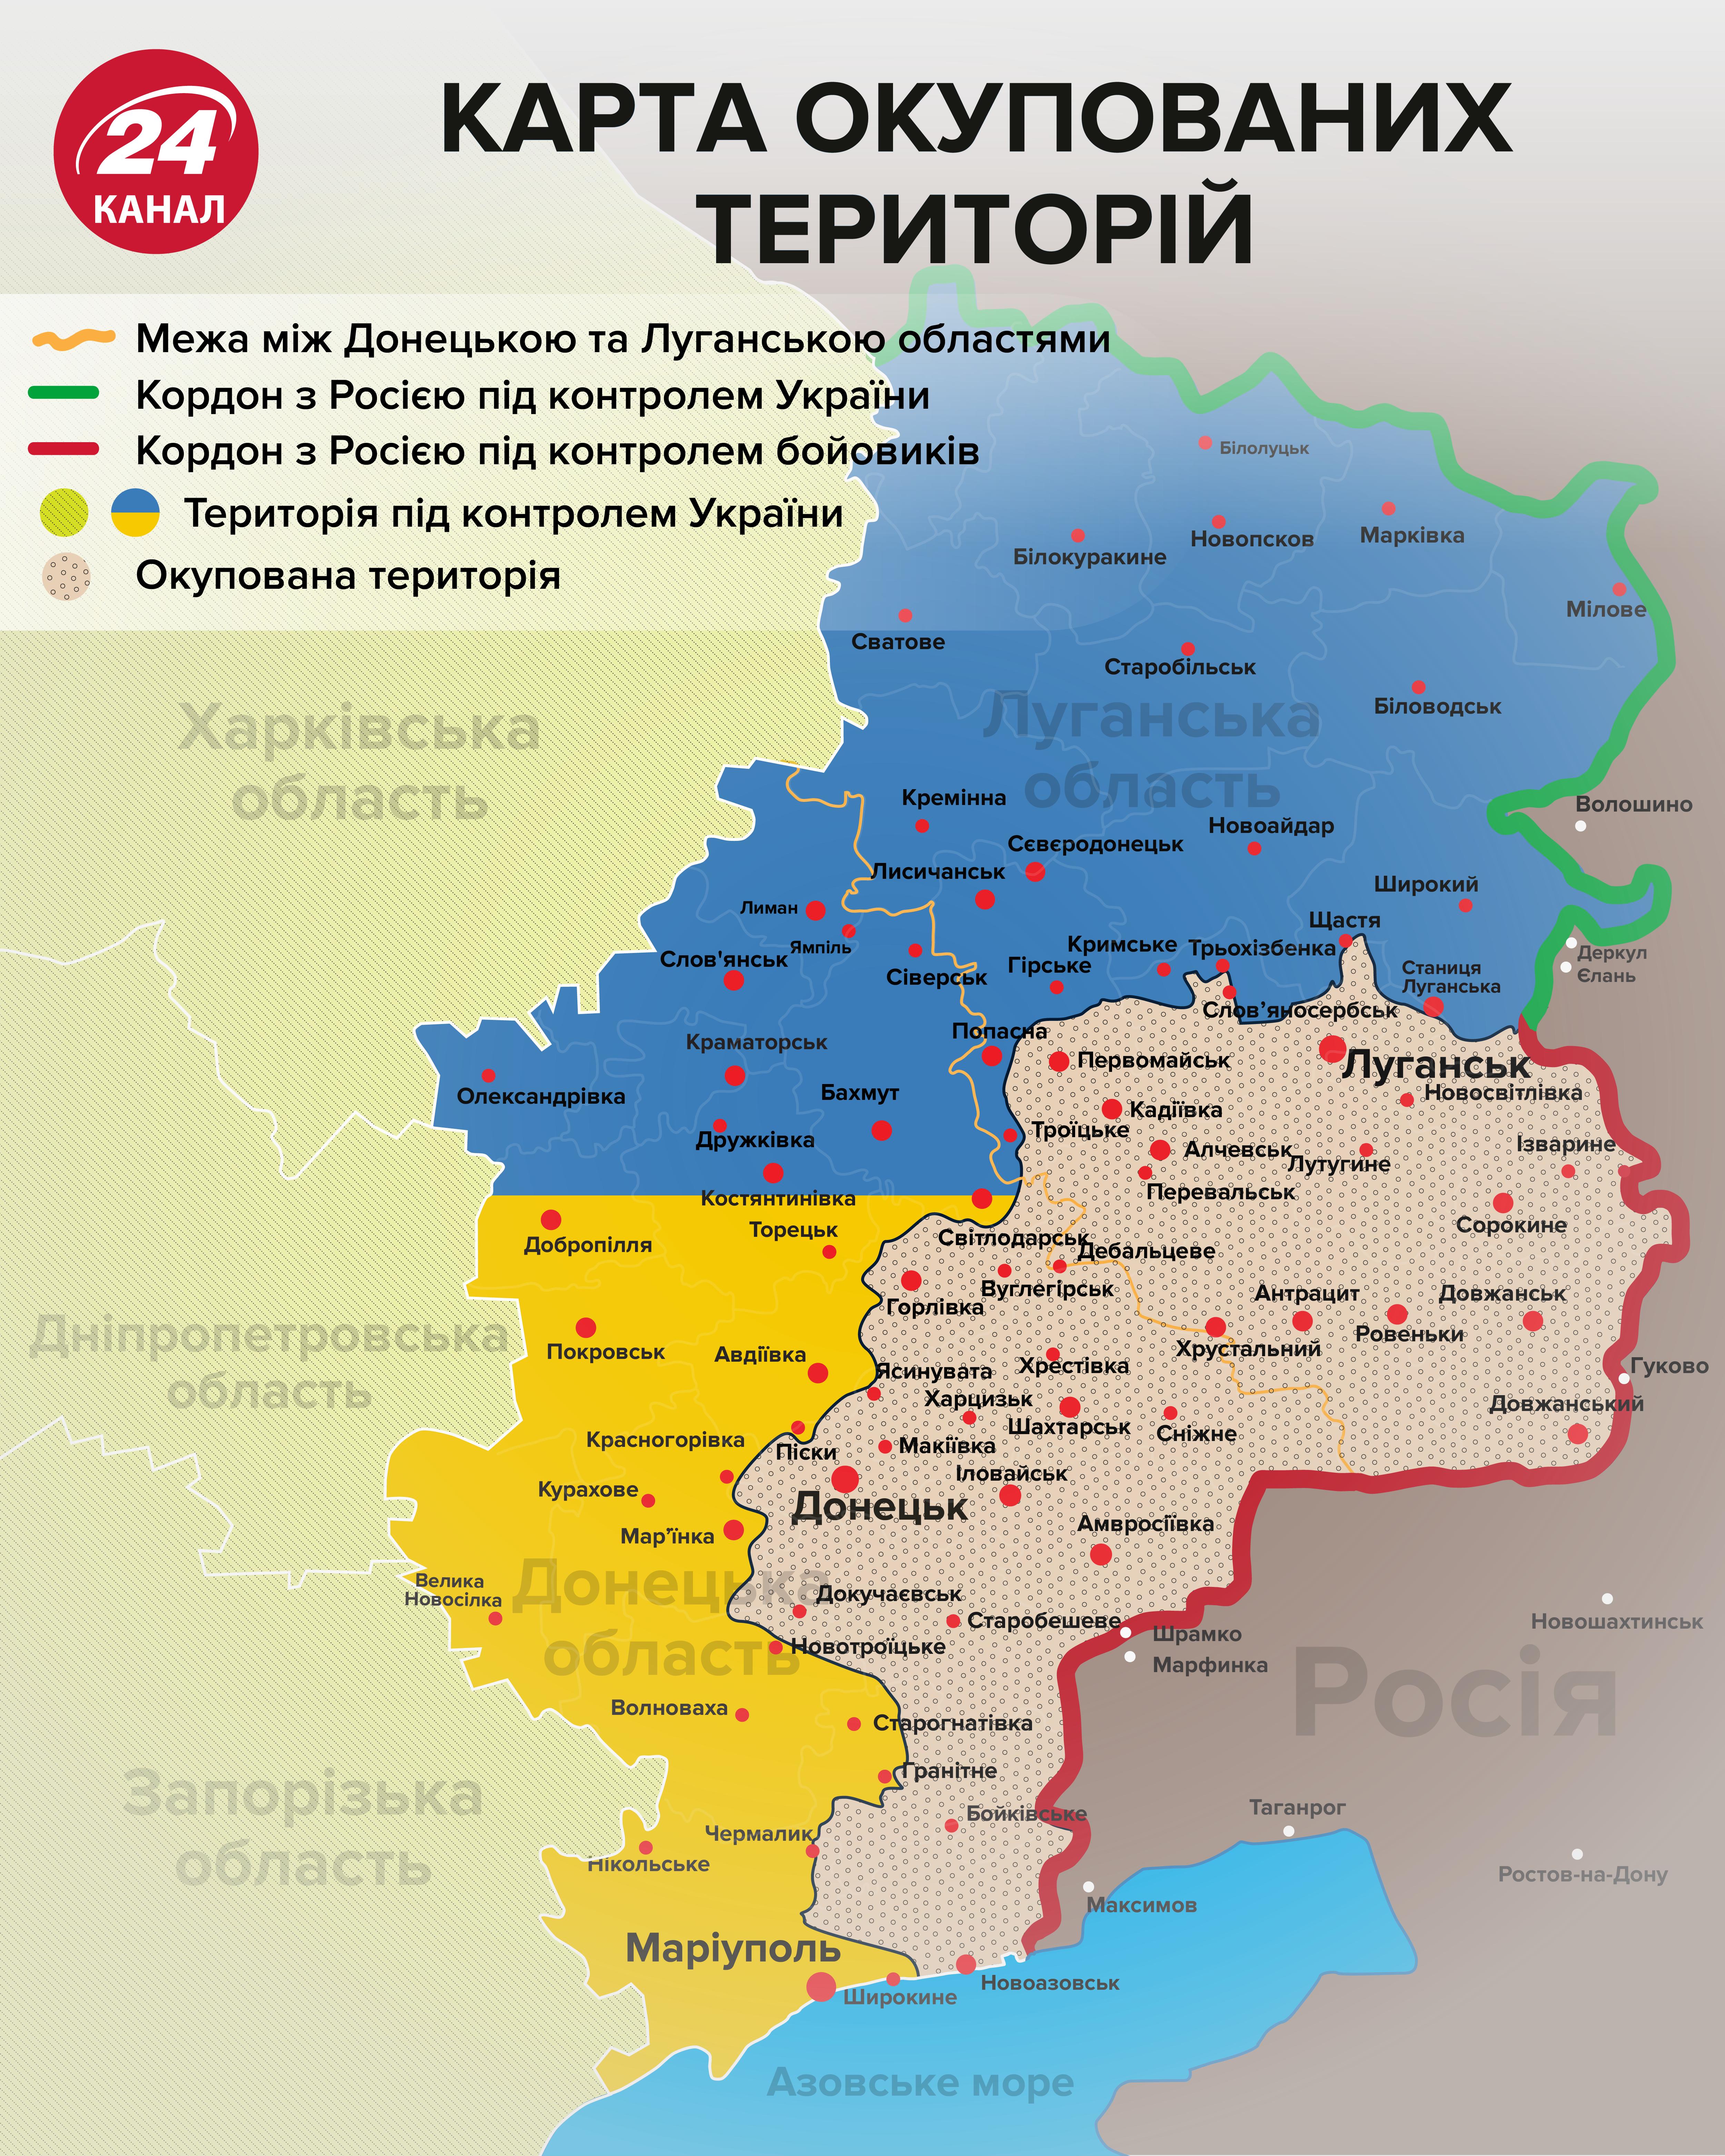 Бойовики застосували на Донбасі заборонені міномети: 3 українських бійців зазнали травм